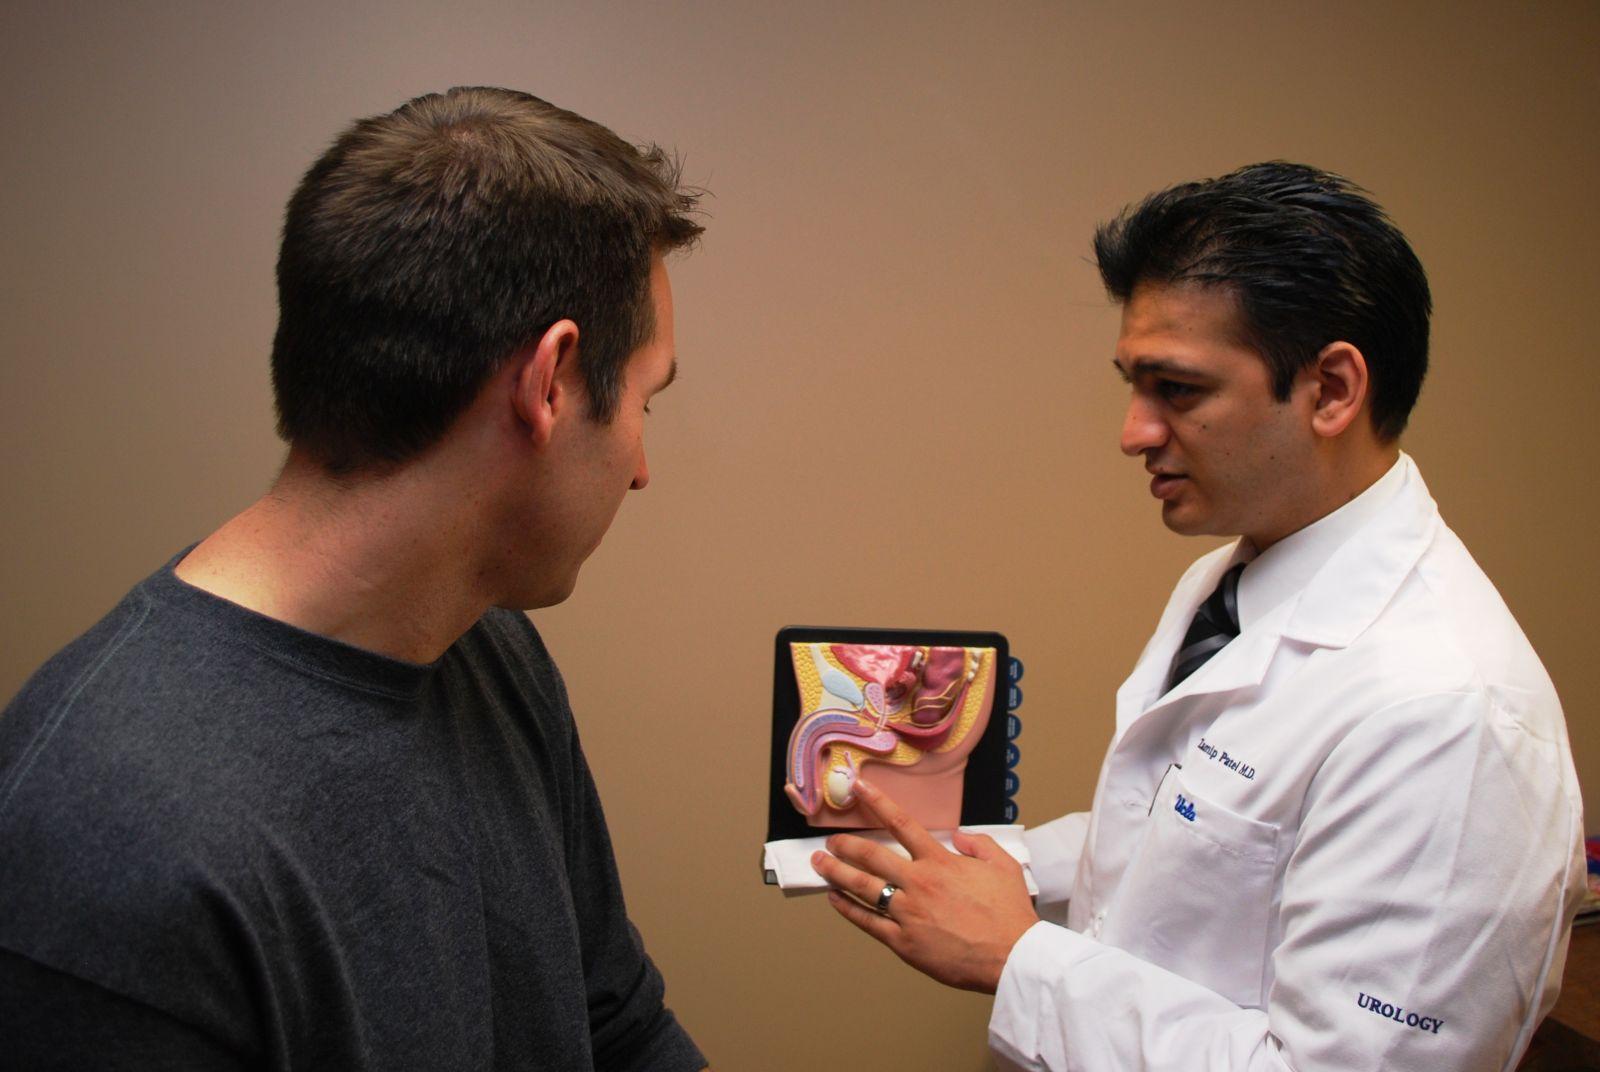 Khám và điều trị liệt dương là cách nhanh nhất lấy lại được phong độ của người đàn ông